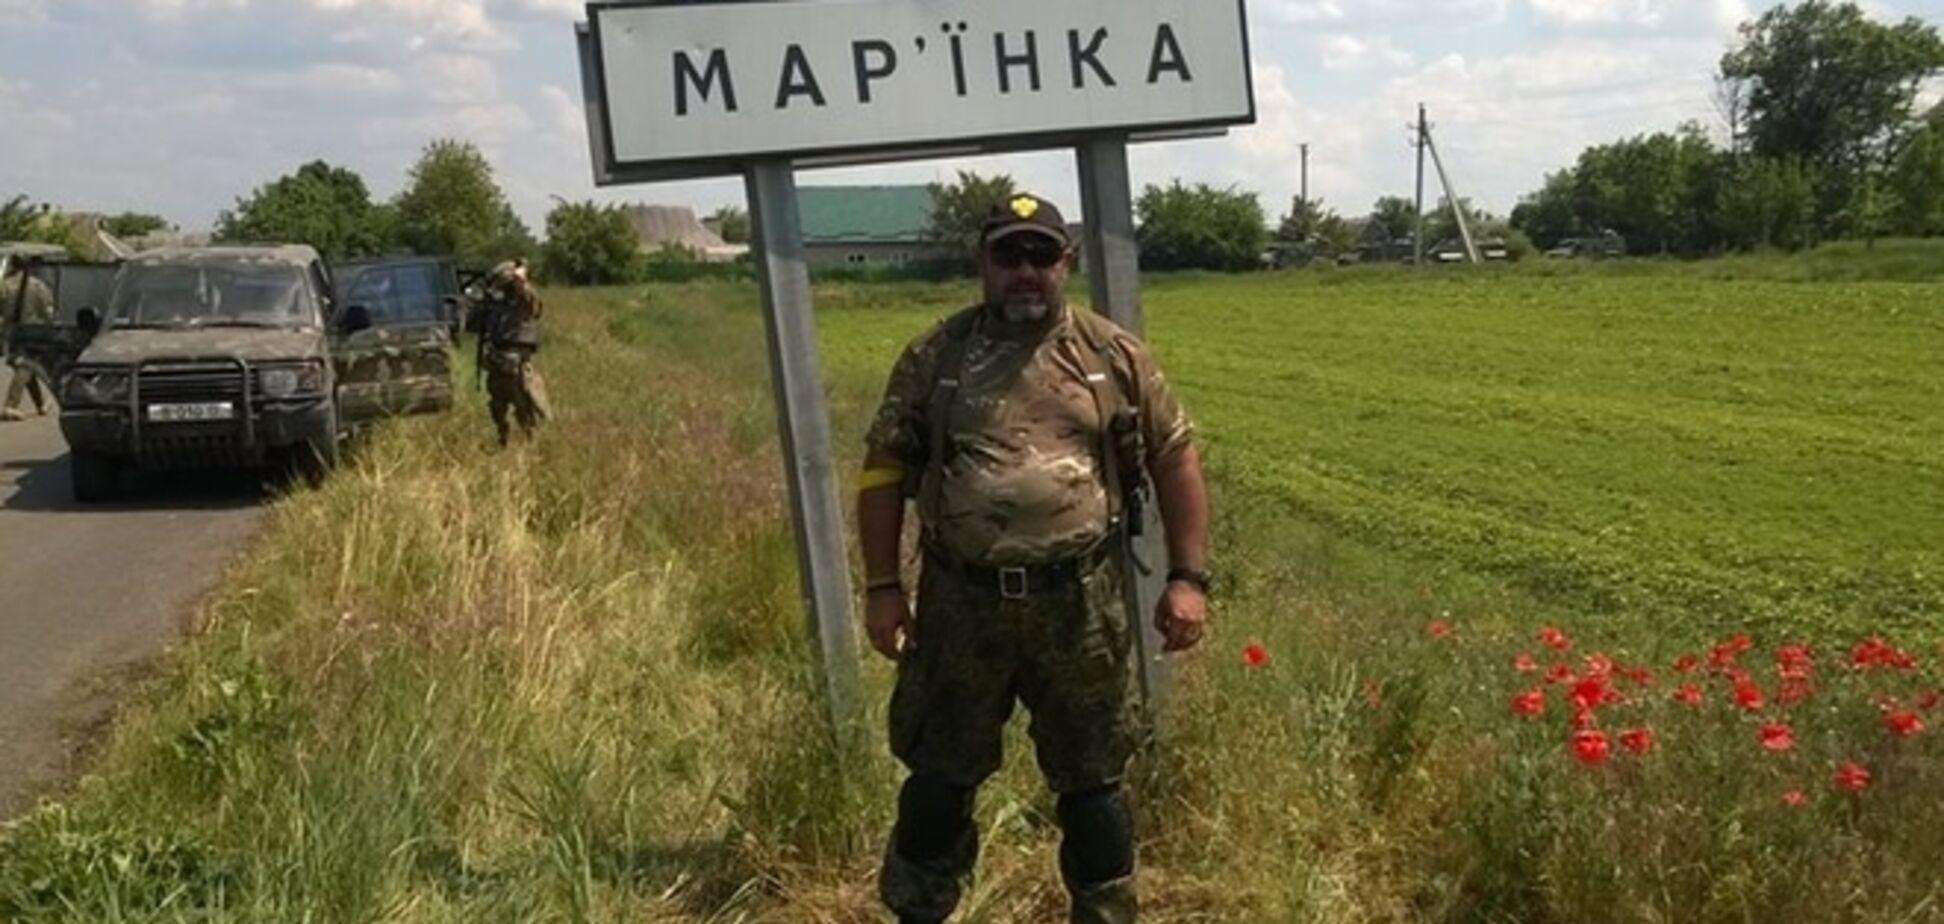 Із лікаря у військові: чому парамедик Армен став бійцем 'Київ-1'